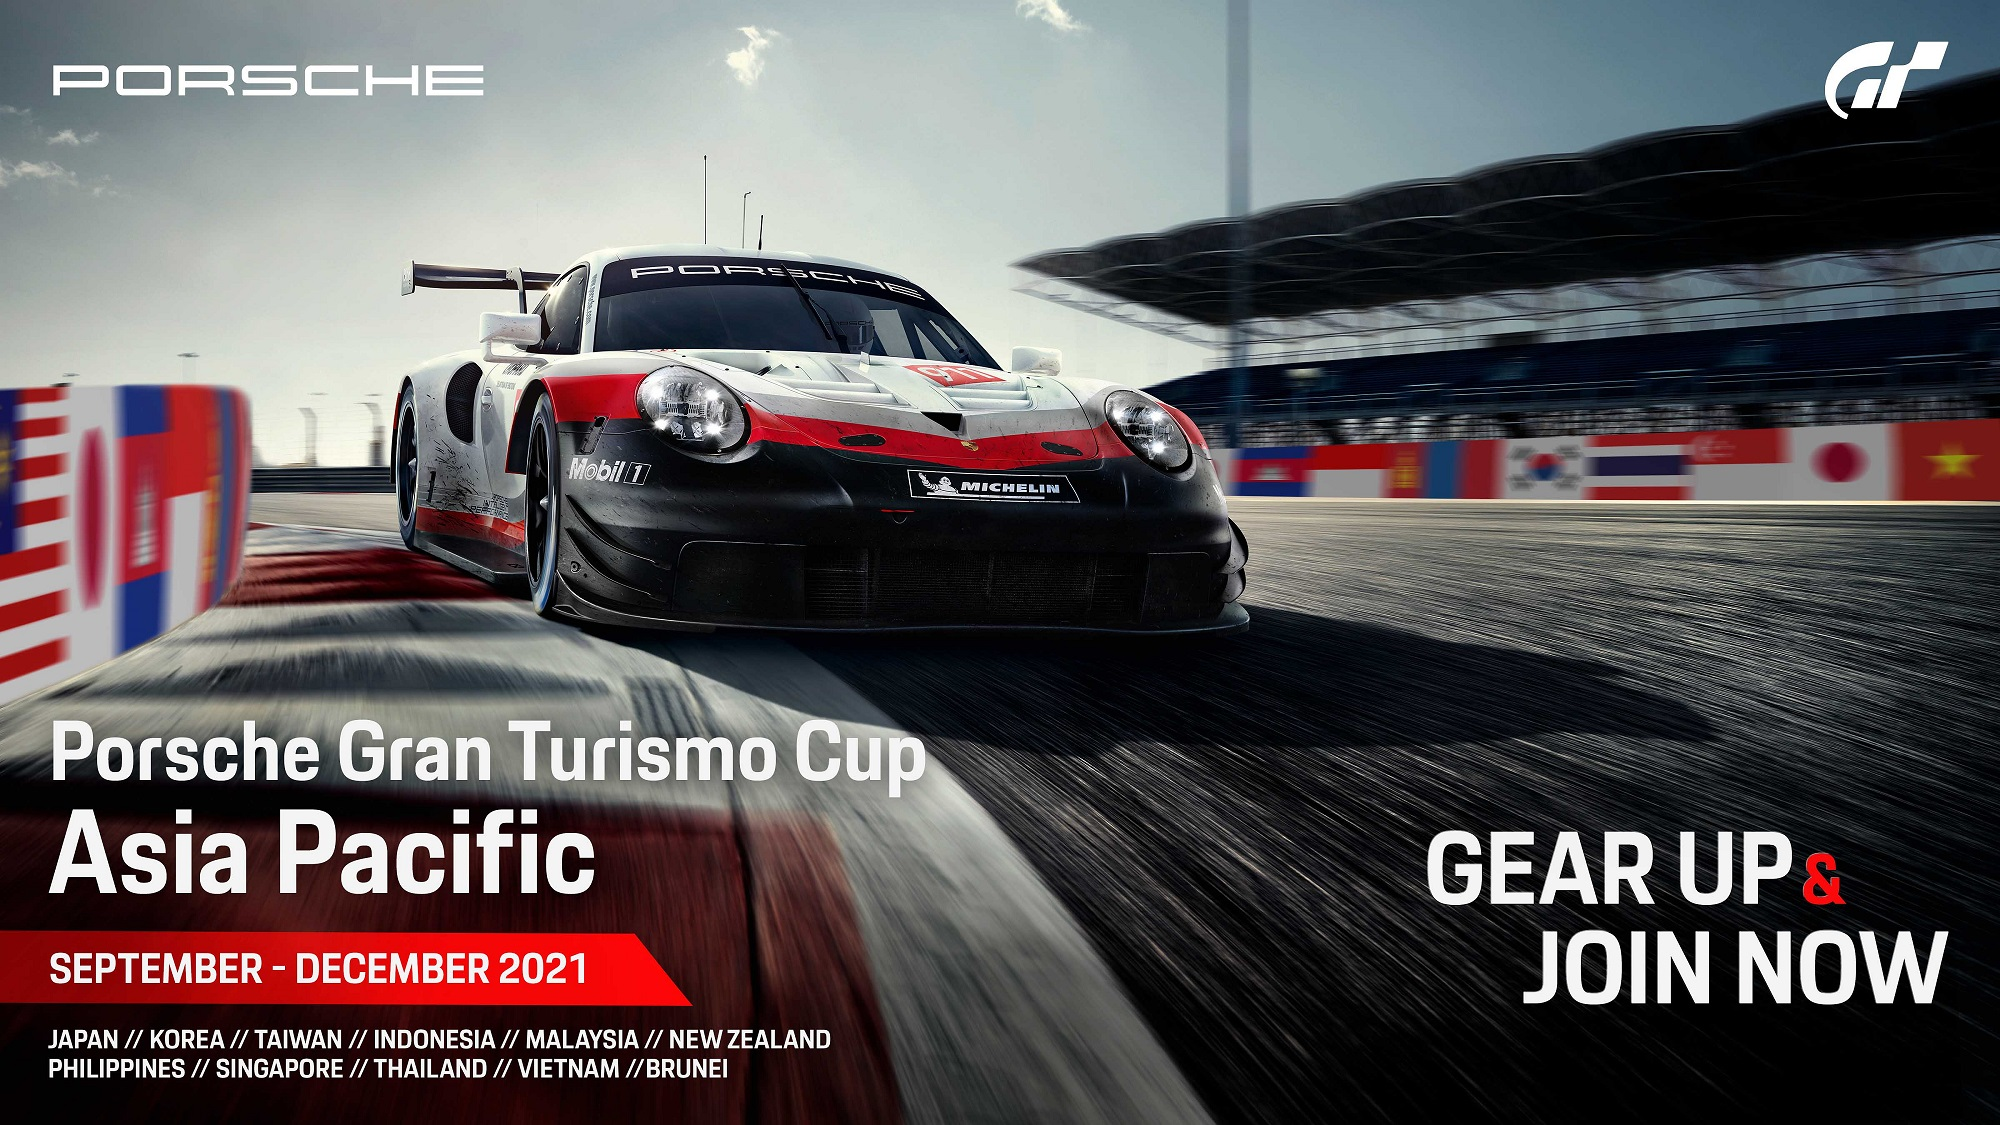 保時捷賽車電玩開跑!Porsche Gran Turismo Cup Asia Pacific 為車迷及遊戲玩家而生